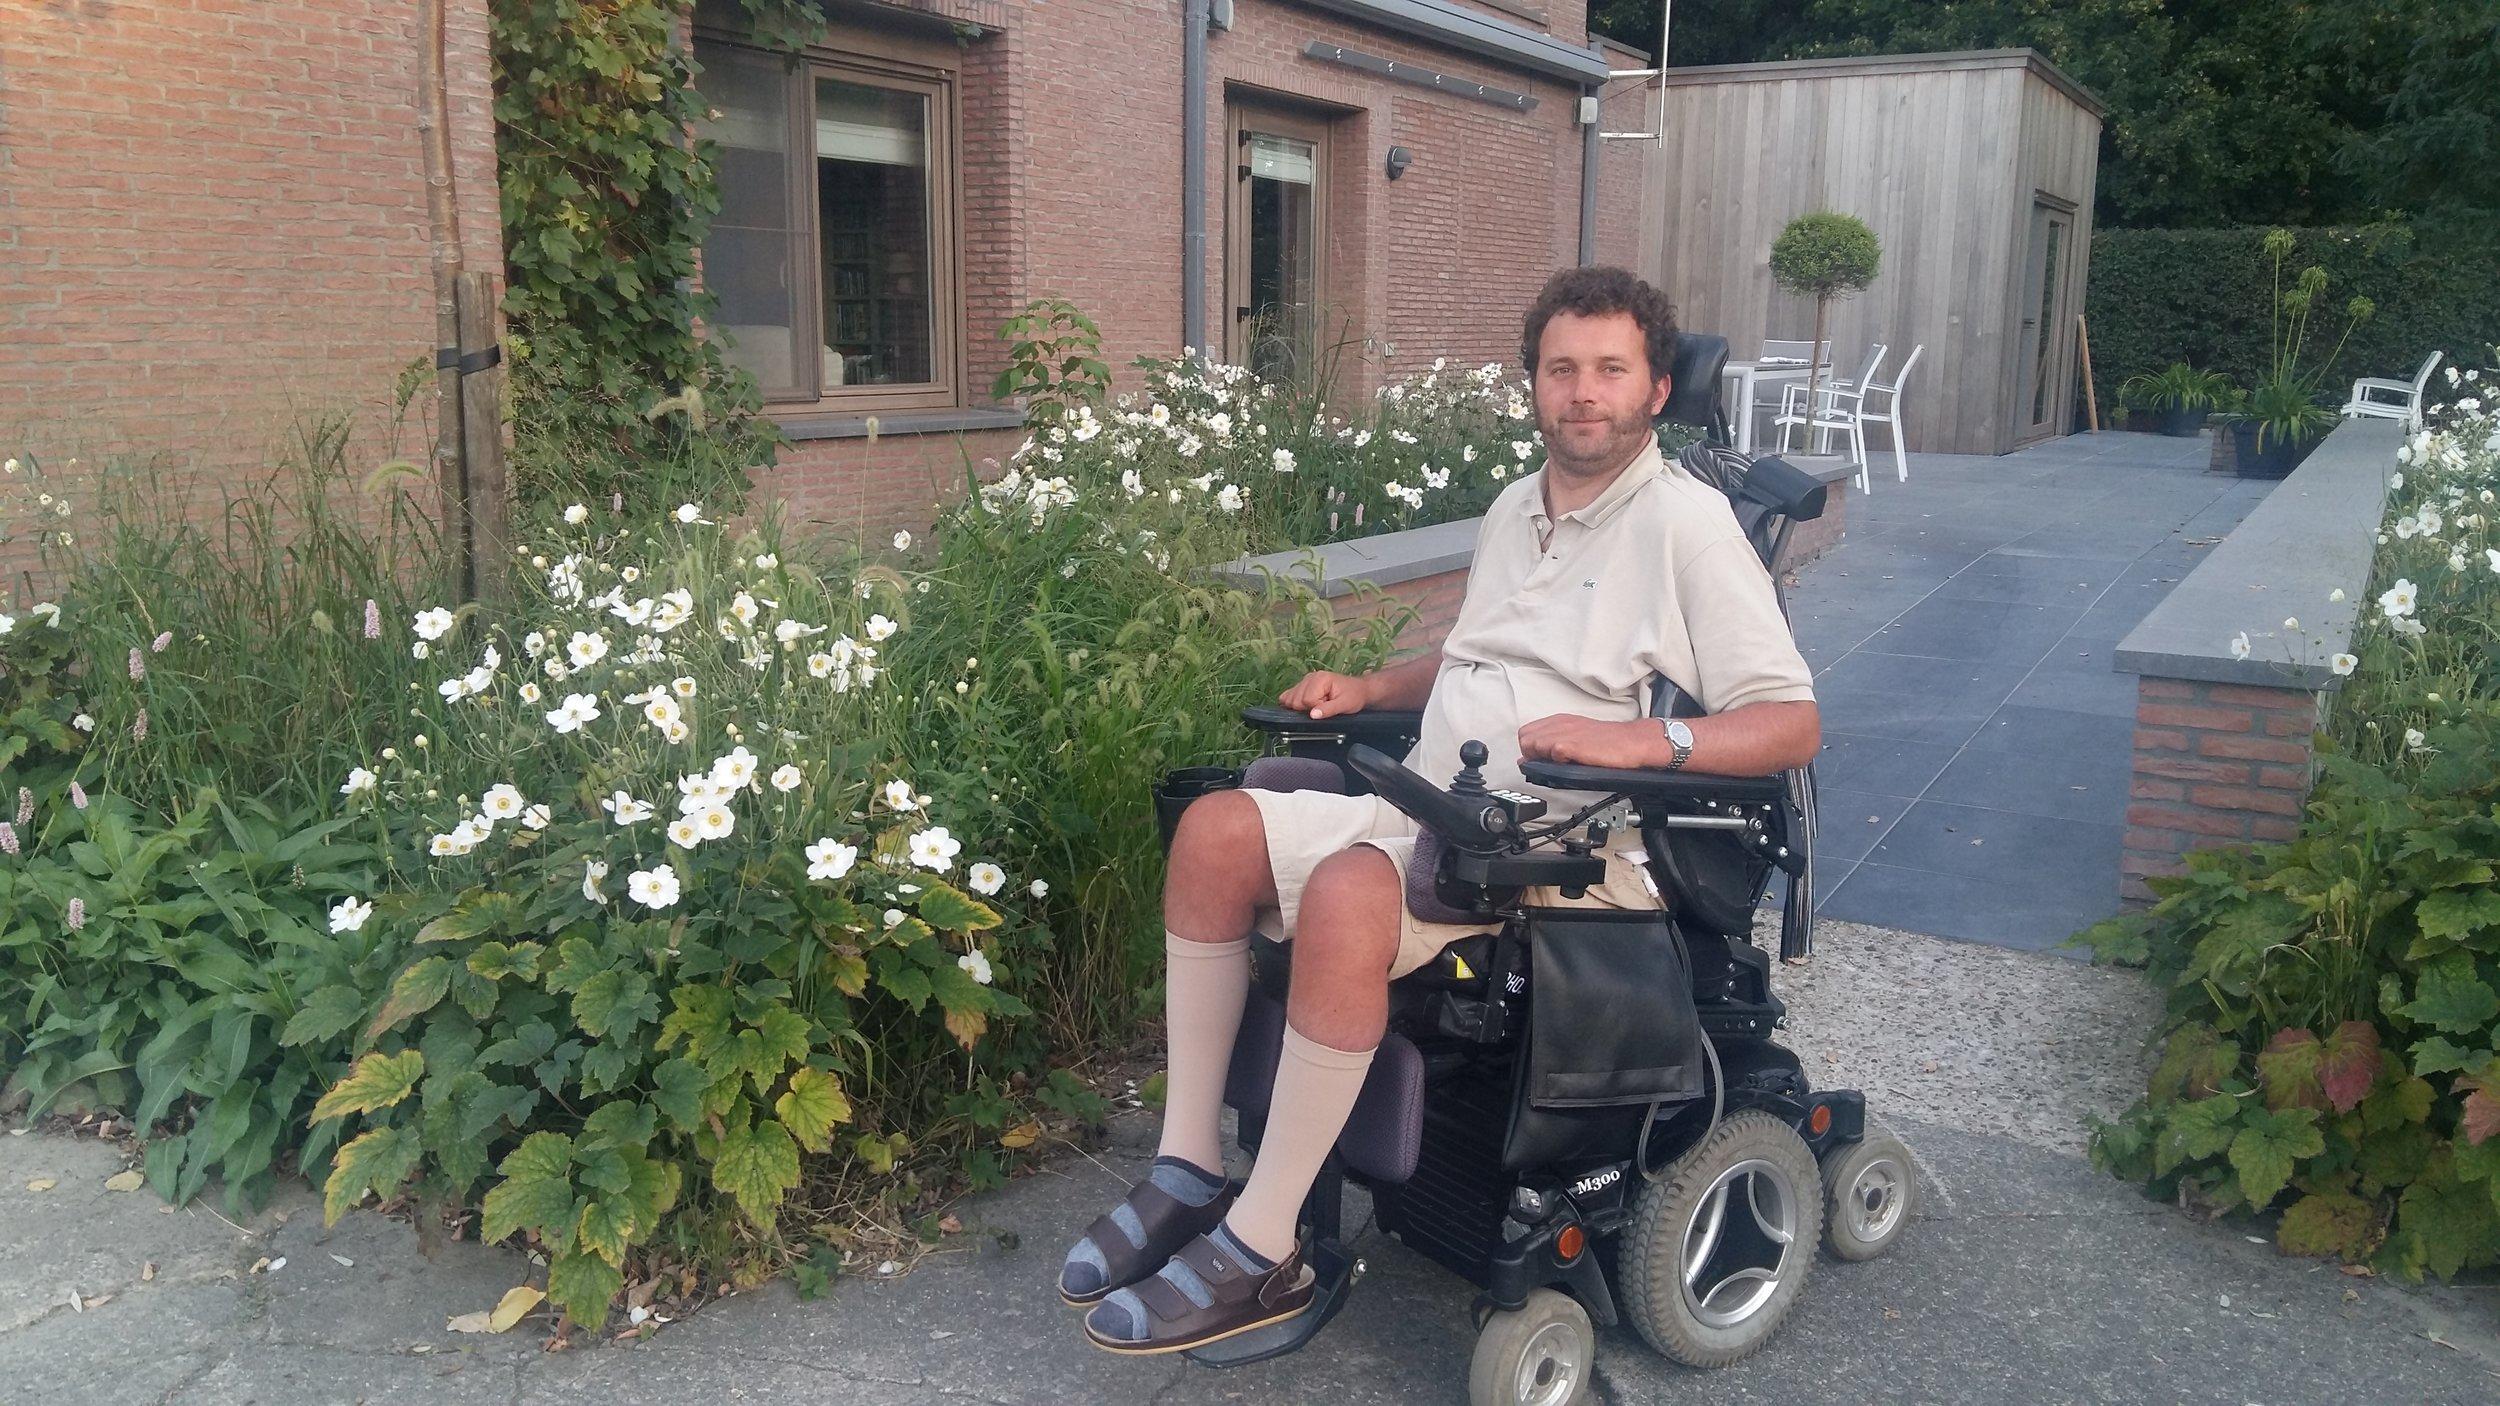 David wil graag op café met vrienden   David is 38 en woont in Hamme. Hij zit in een elektrische rolstoel toen ongeluk hem trof tijdens de storm op Pukkelpop. Daardoor kan hij moeilijk op in zijn eentje naar zijn stamcafé.   Ik ga met David op café!